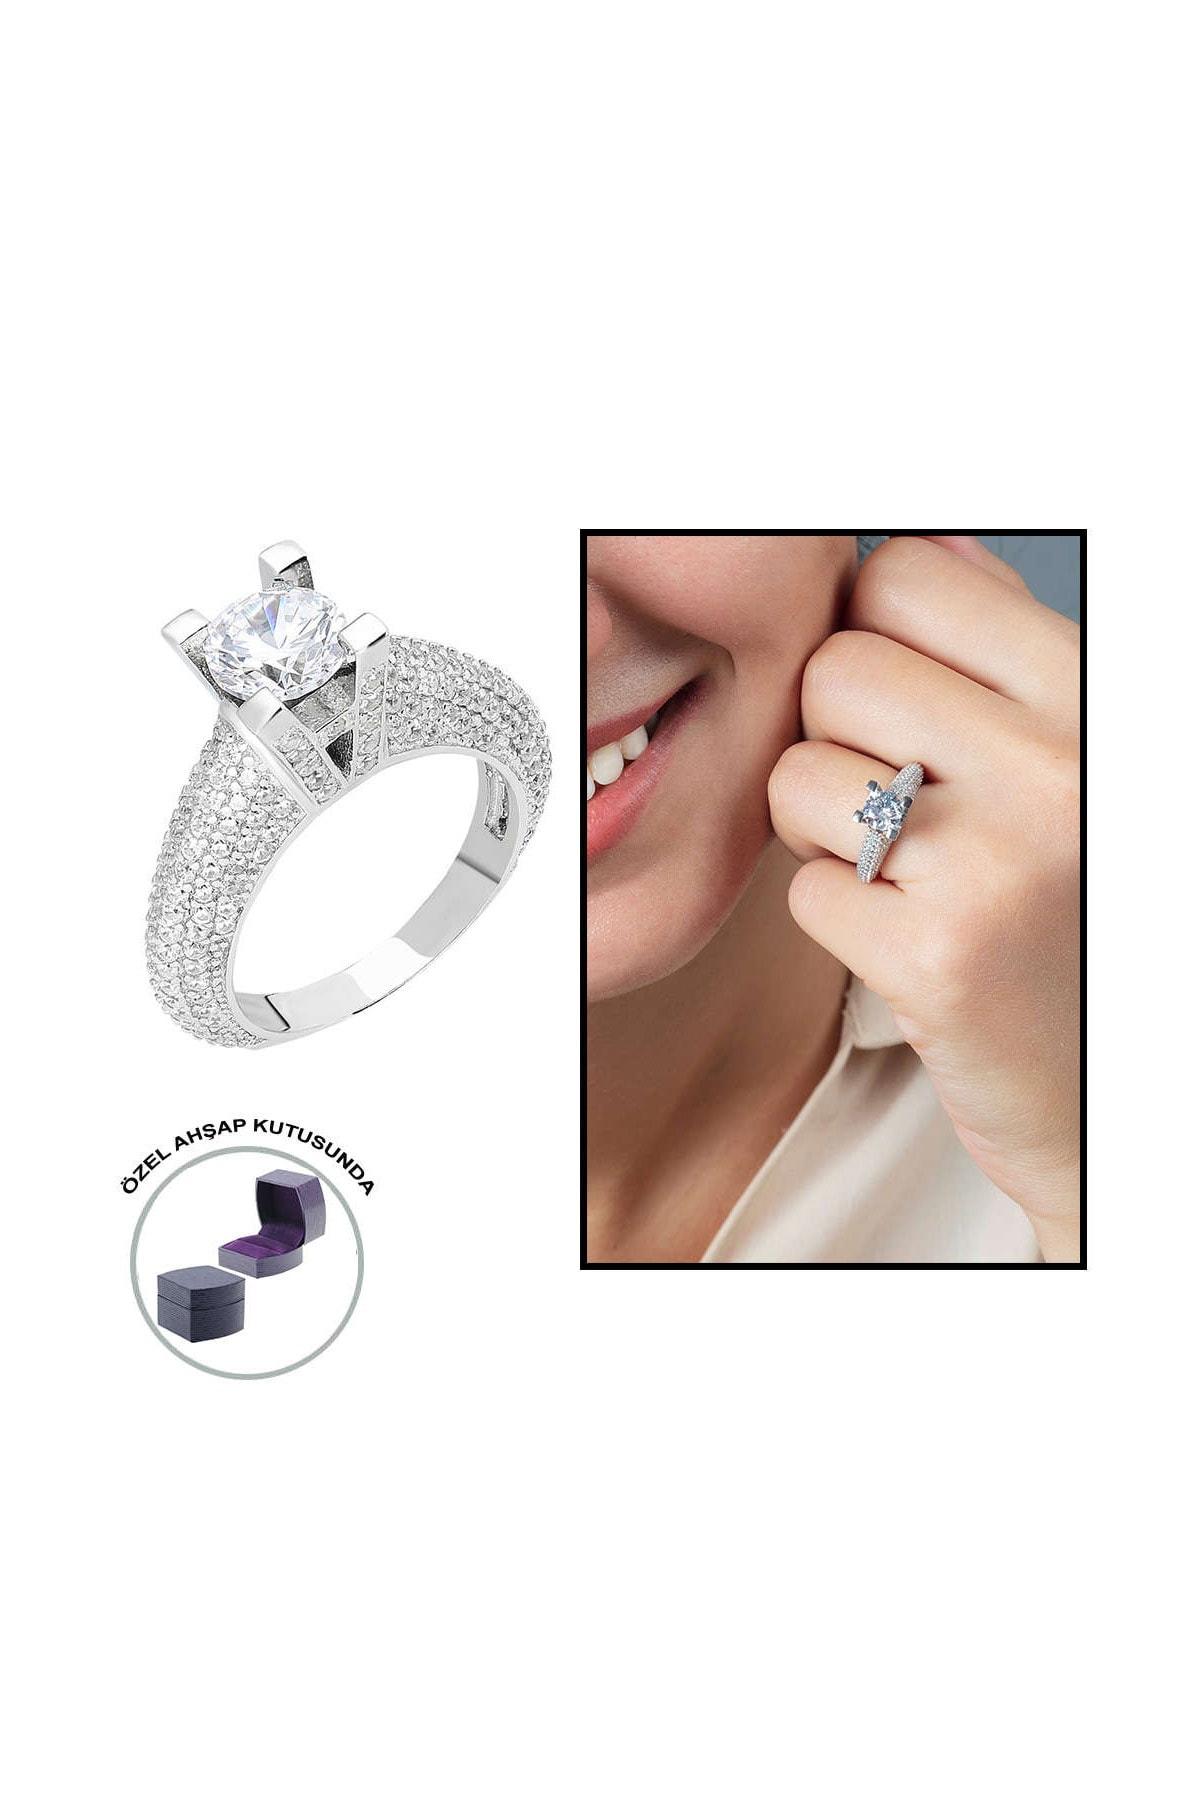 Tesbihane Starlight Diamond Pırlanta Montür Avangarde 925 Ayar Gümüş Bayan Tektaş Yüzük 102001803 0